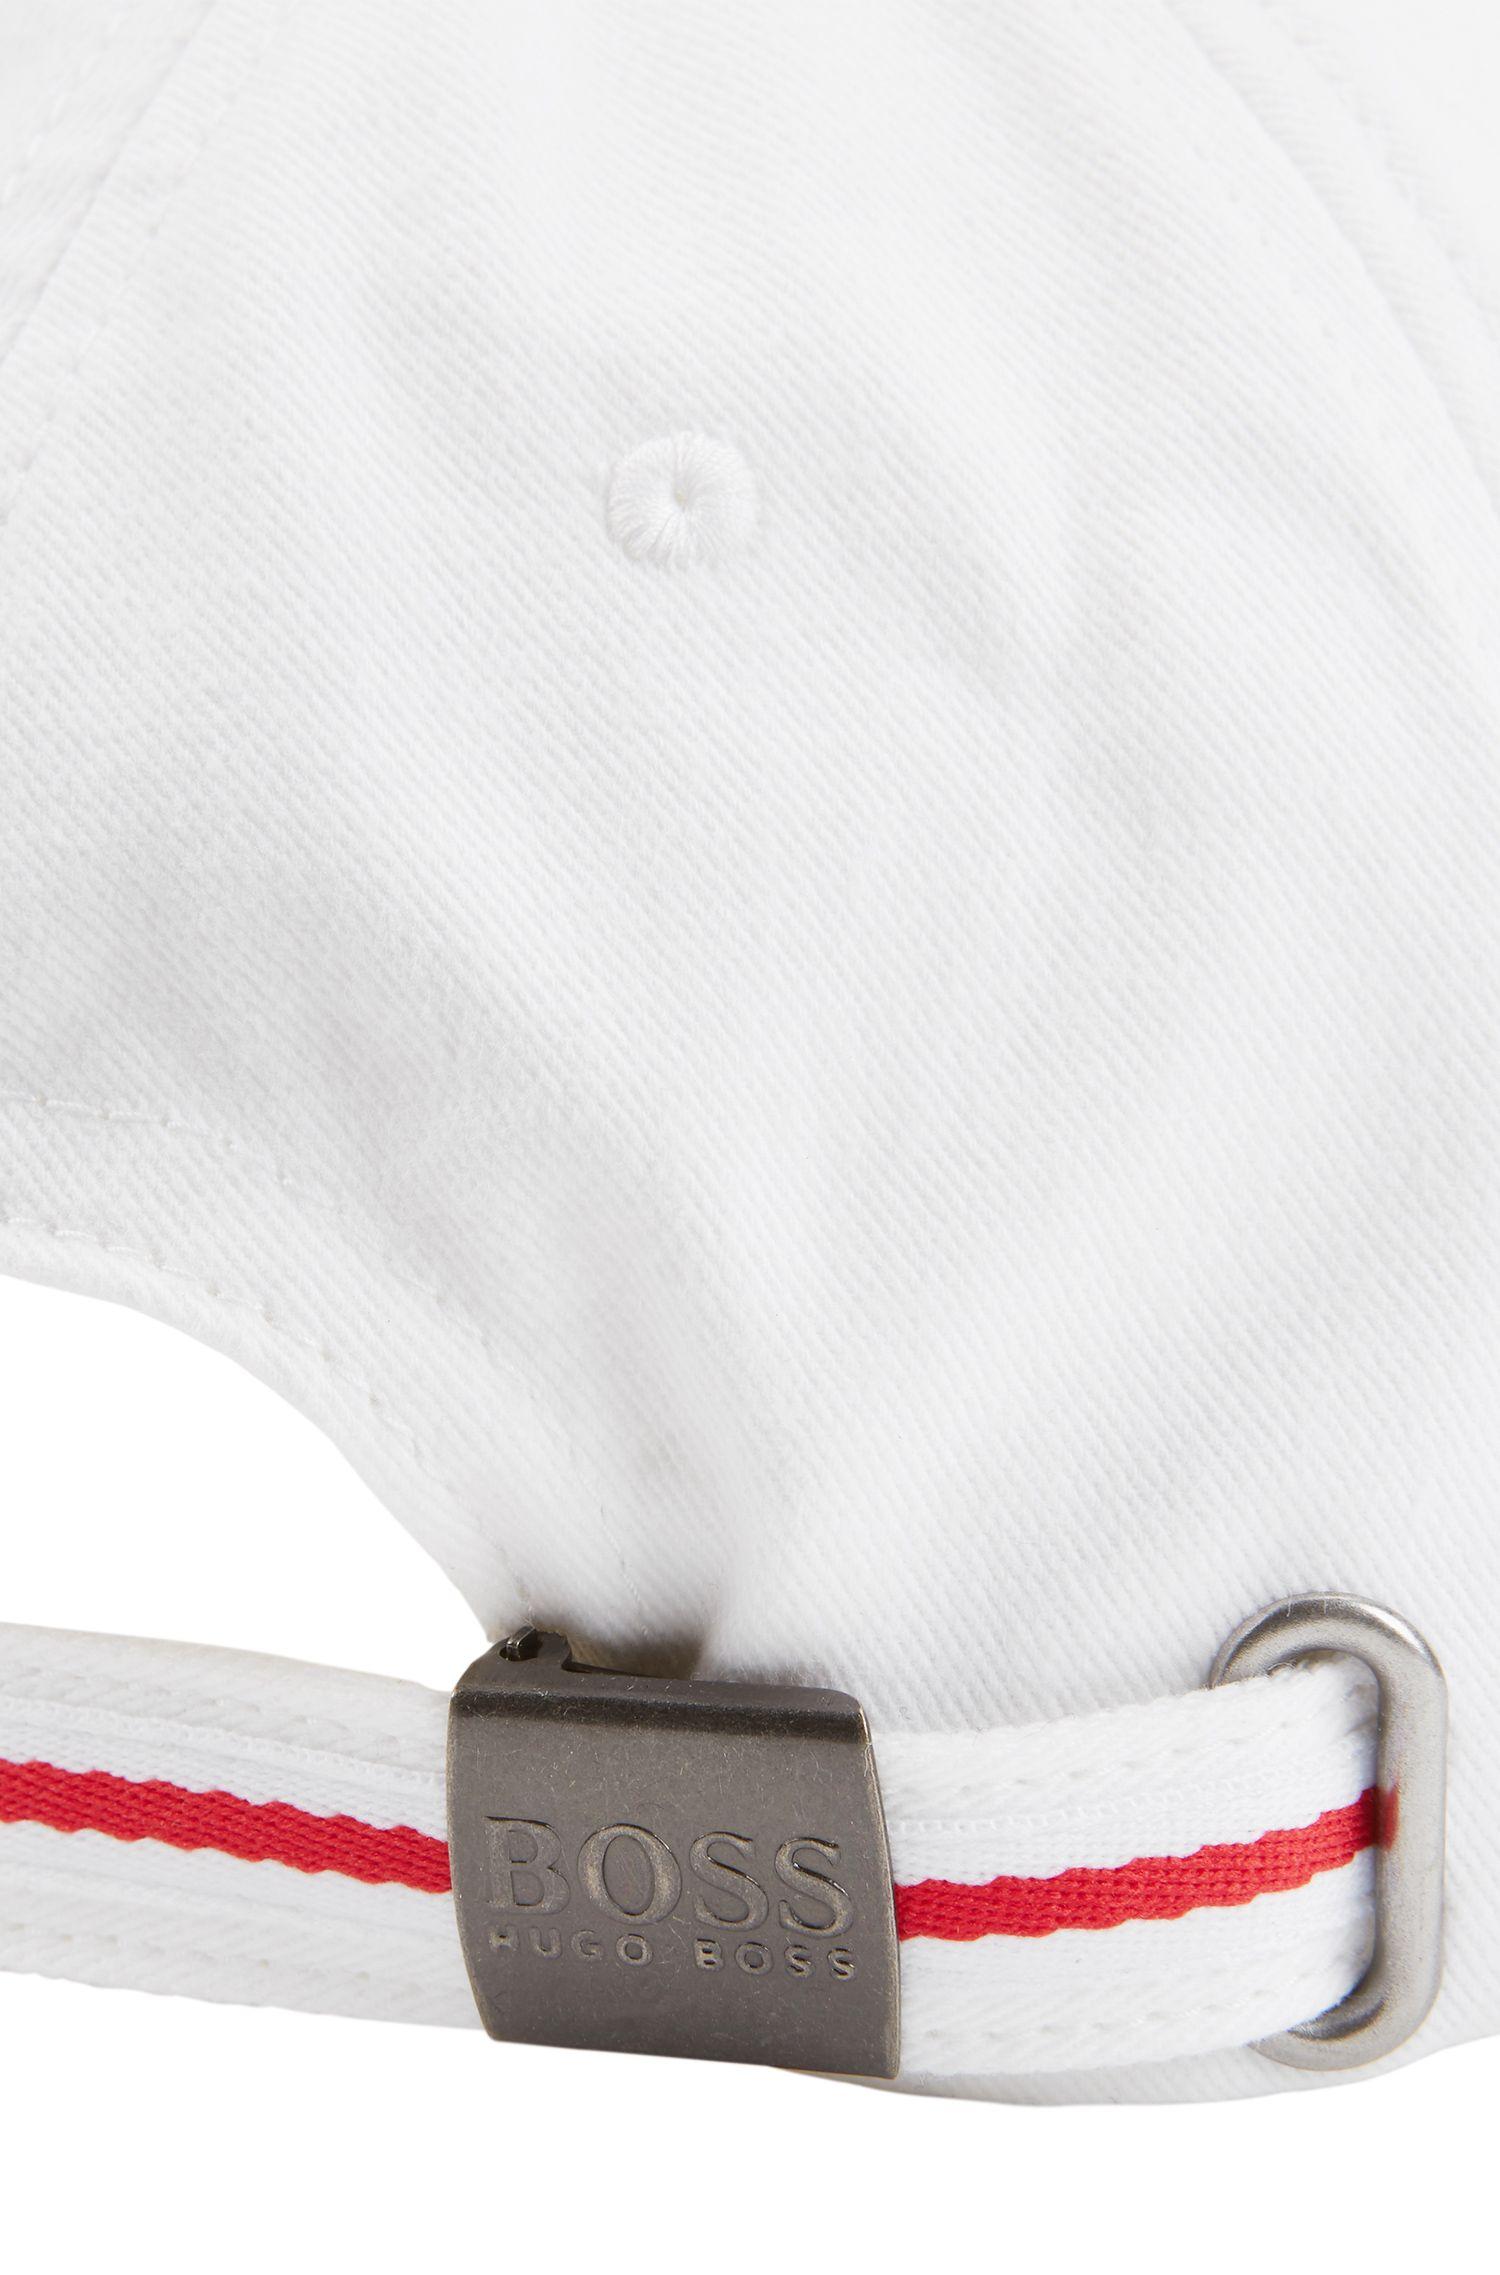 Kinder-Cap aus Baumwoll-Twill in den englischen Teamfarben